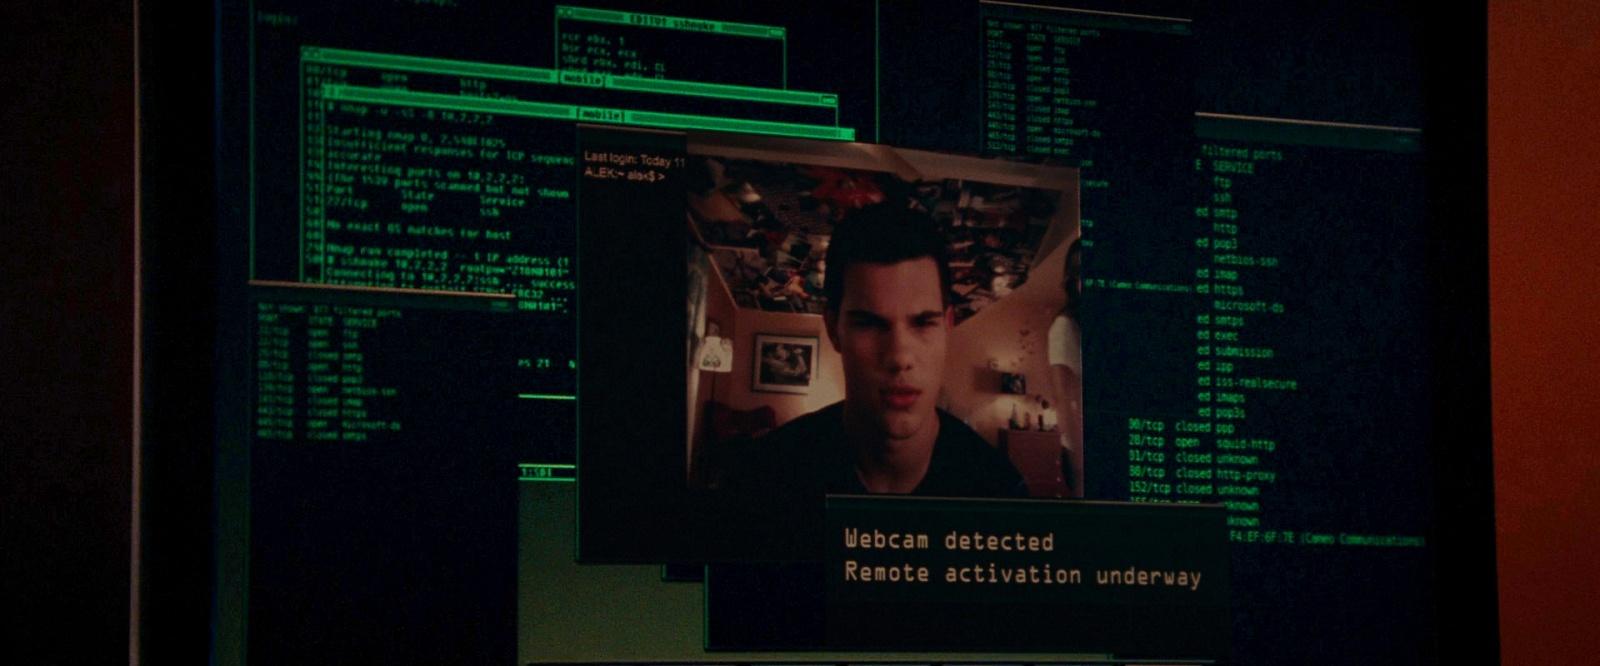 Сканер nmap как главный инструмент кино-хакеров - 25